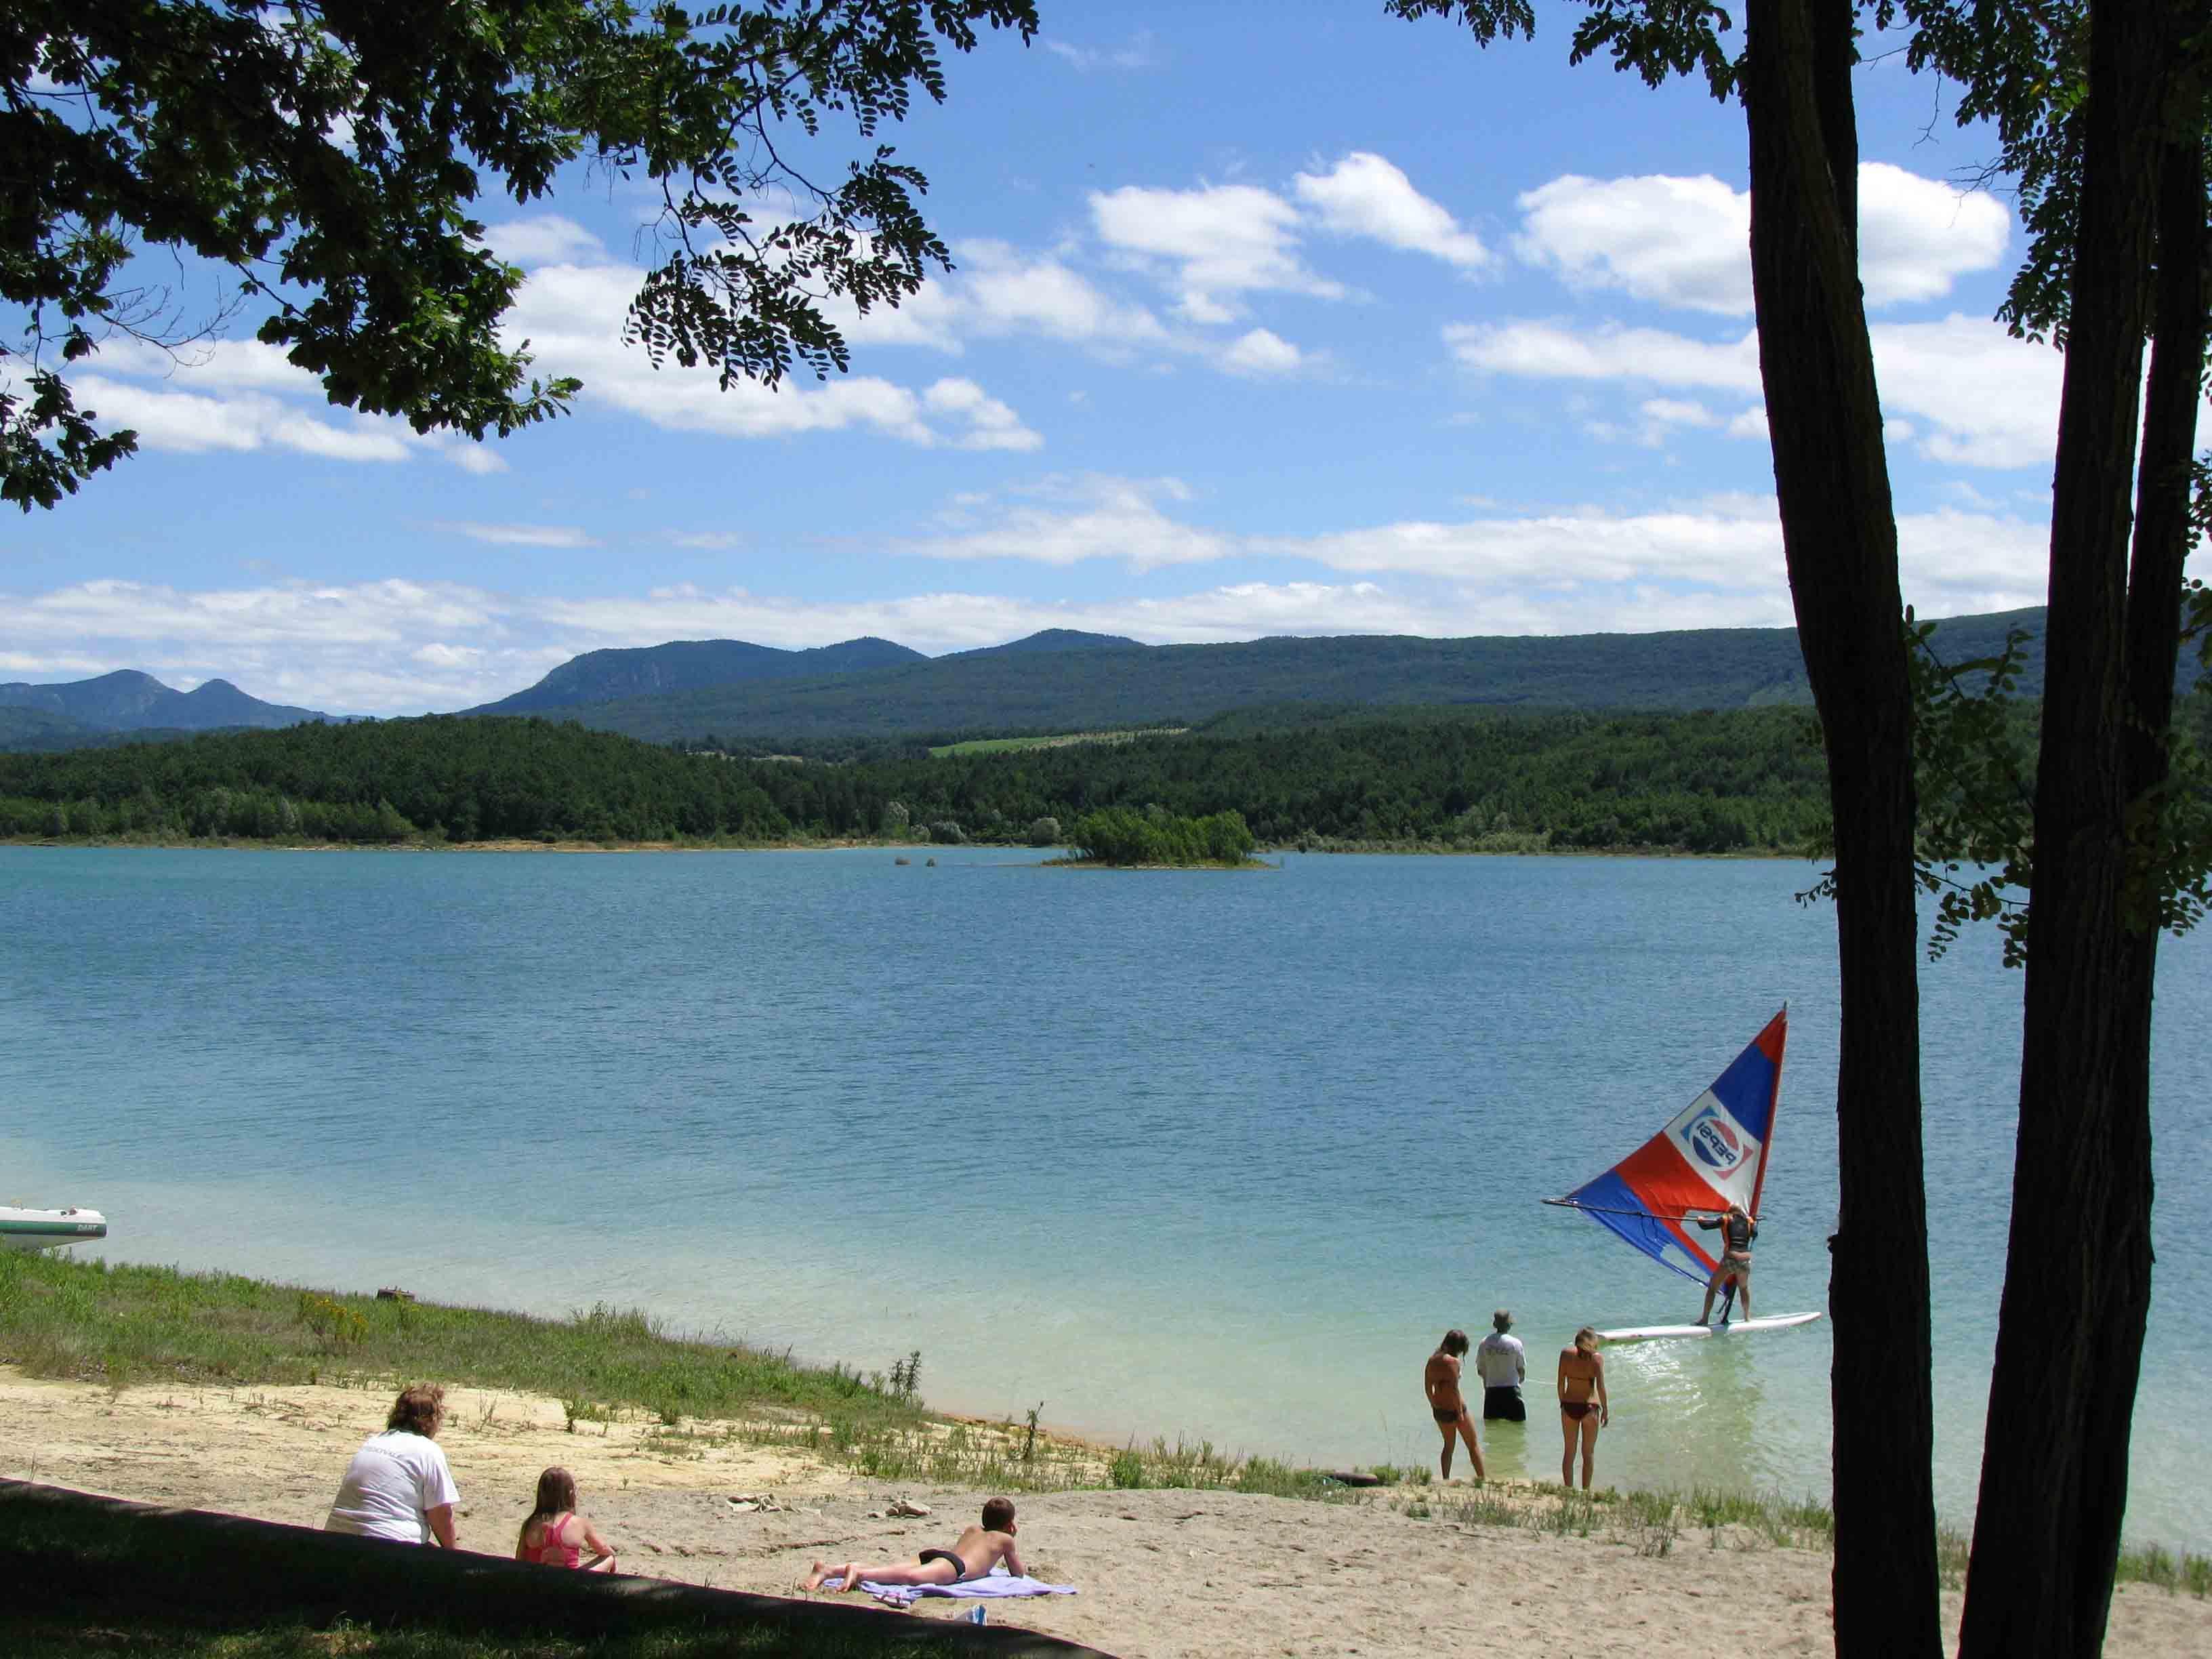 lac-montbel swimming lake | Lake, Natural landmarks, Landmarks